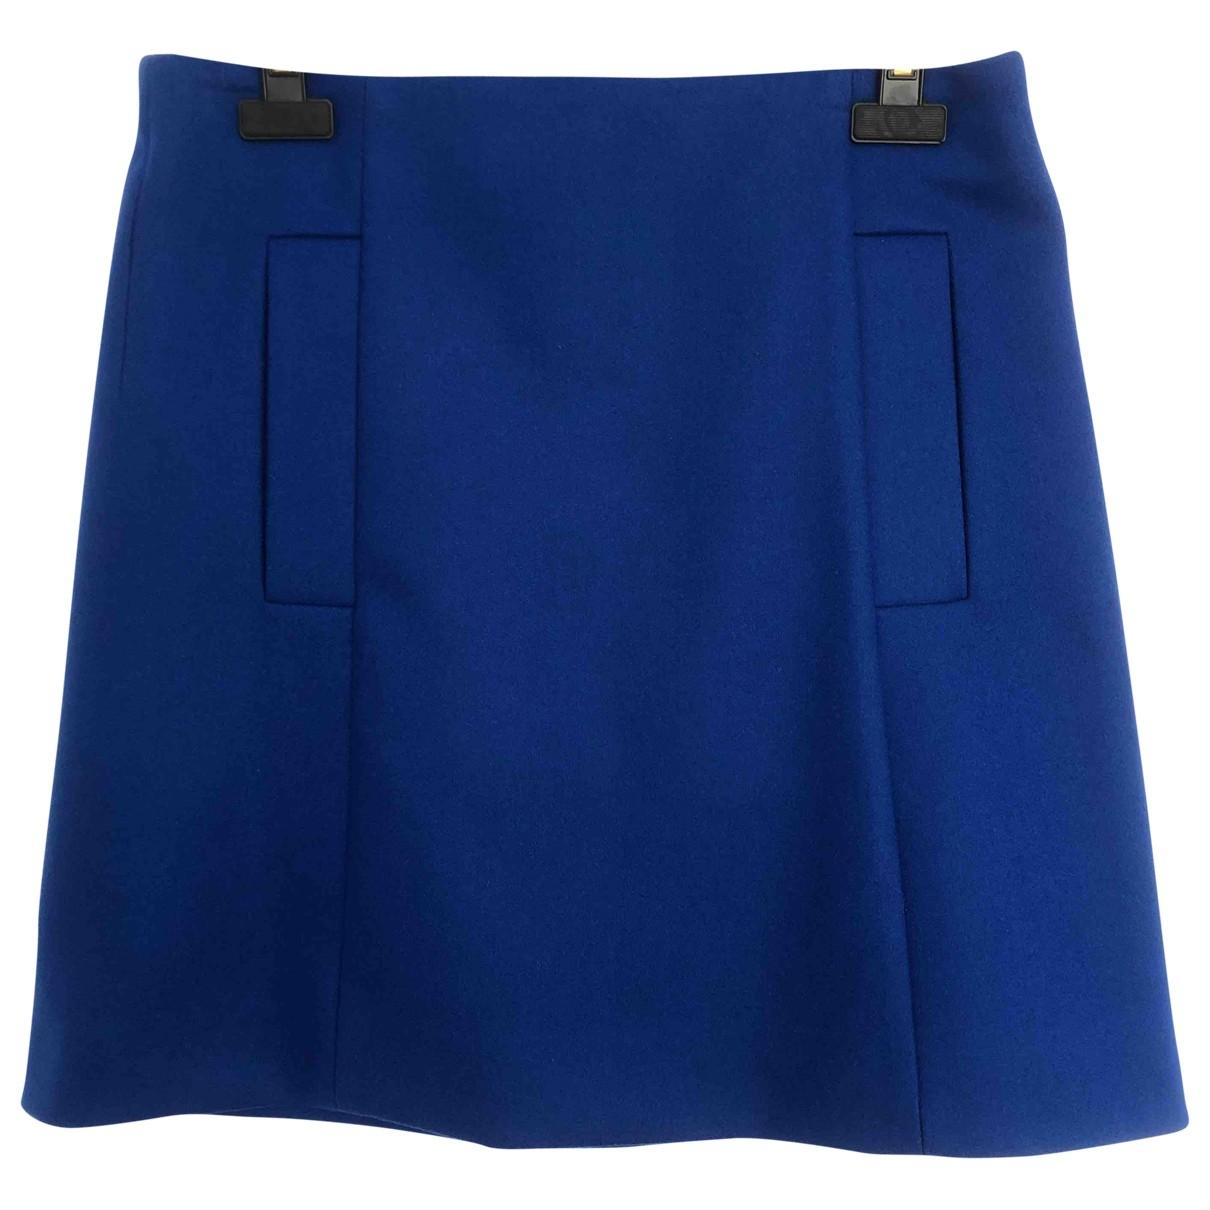 Cos - Jupe   pour femme en laine - bleu